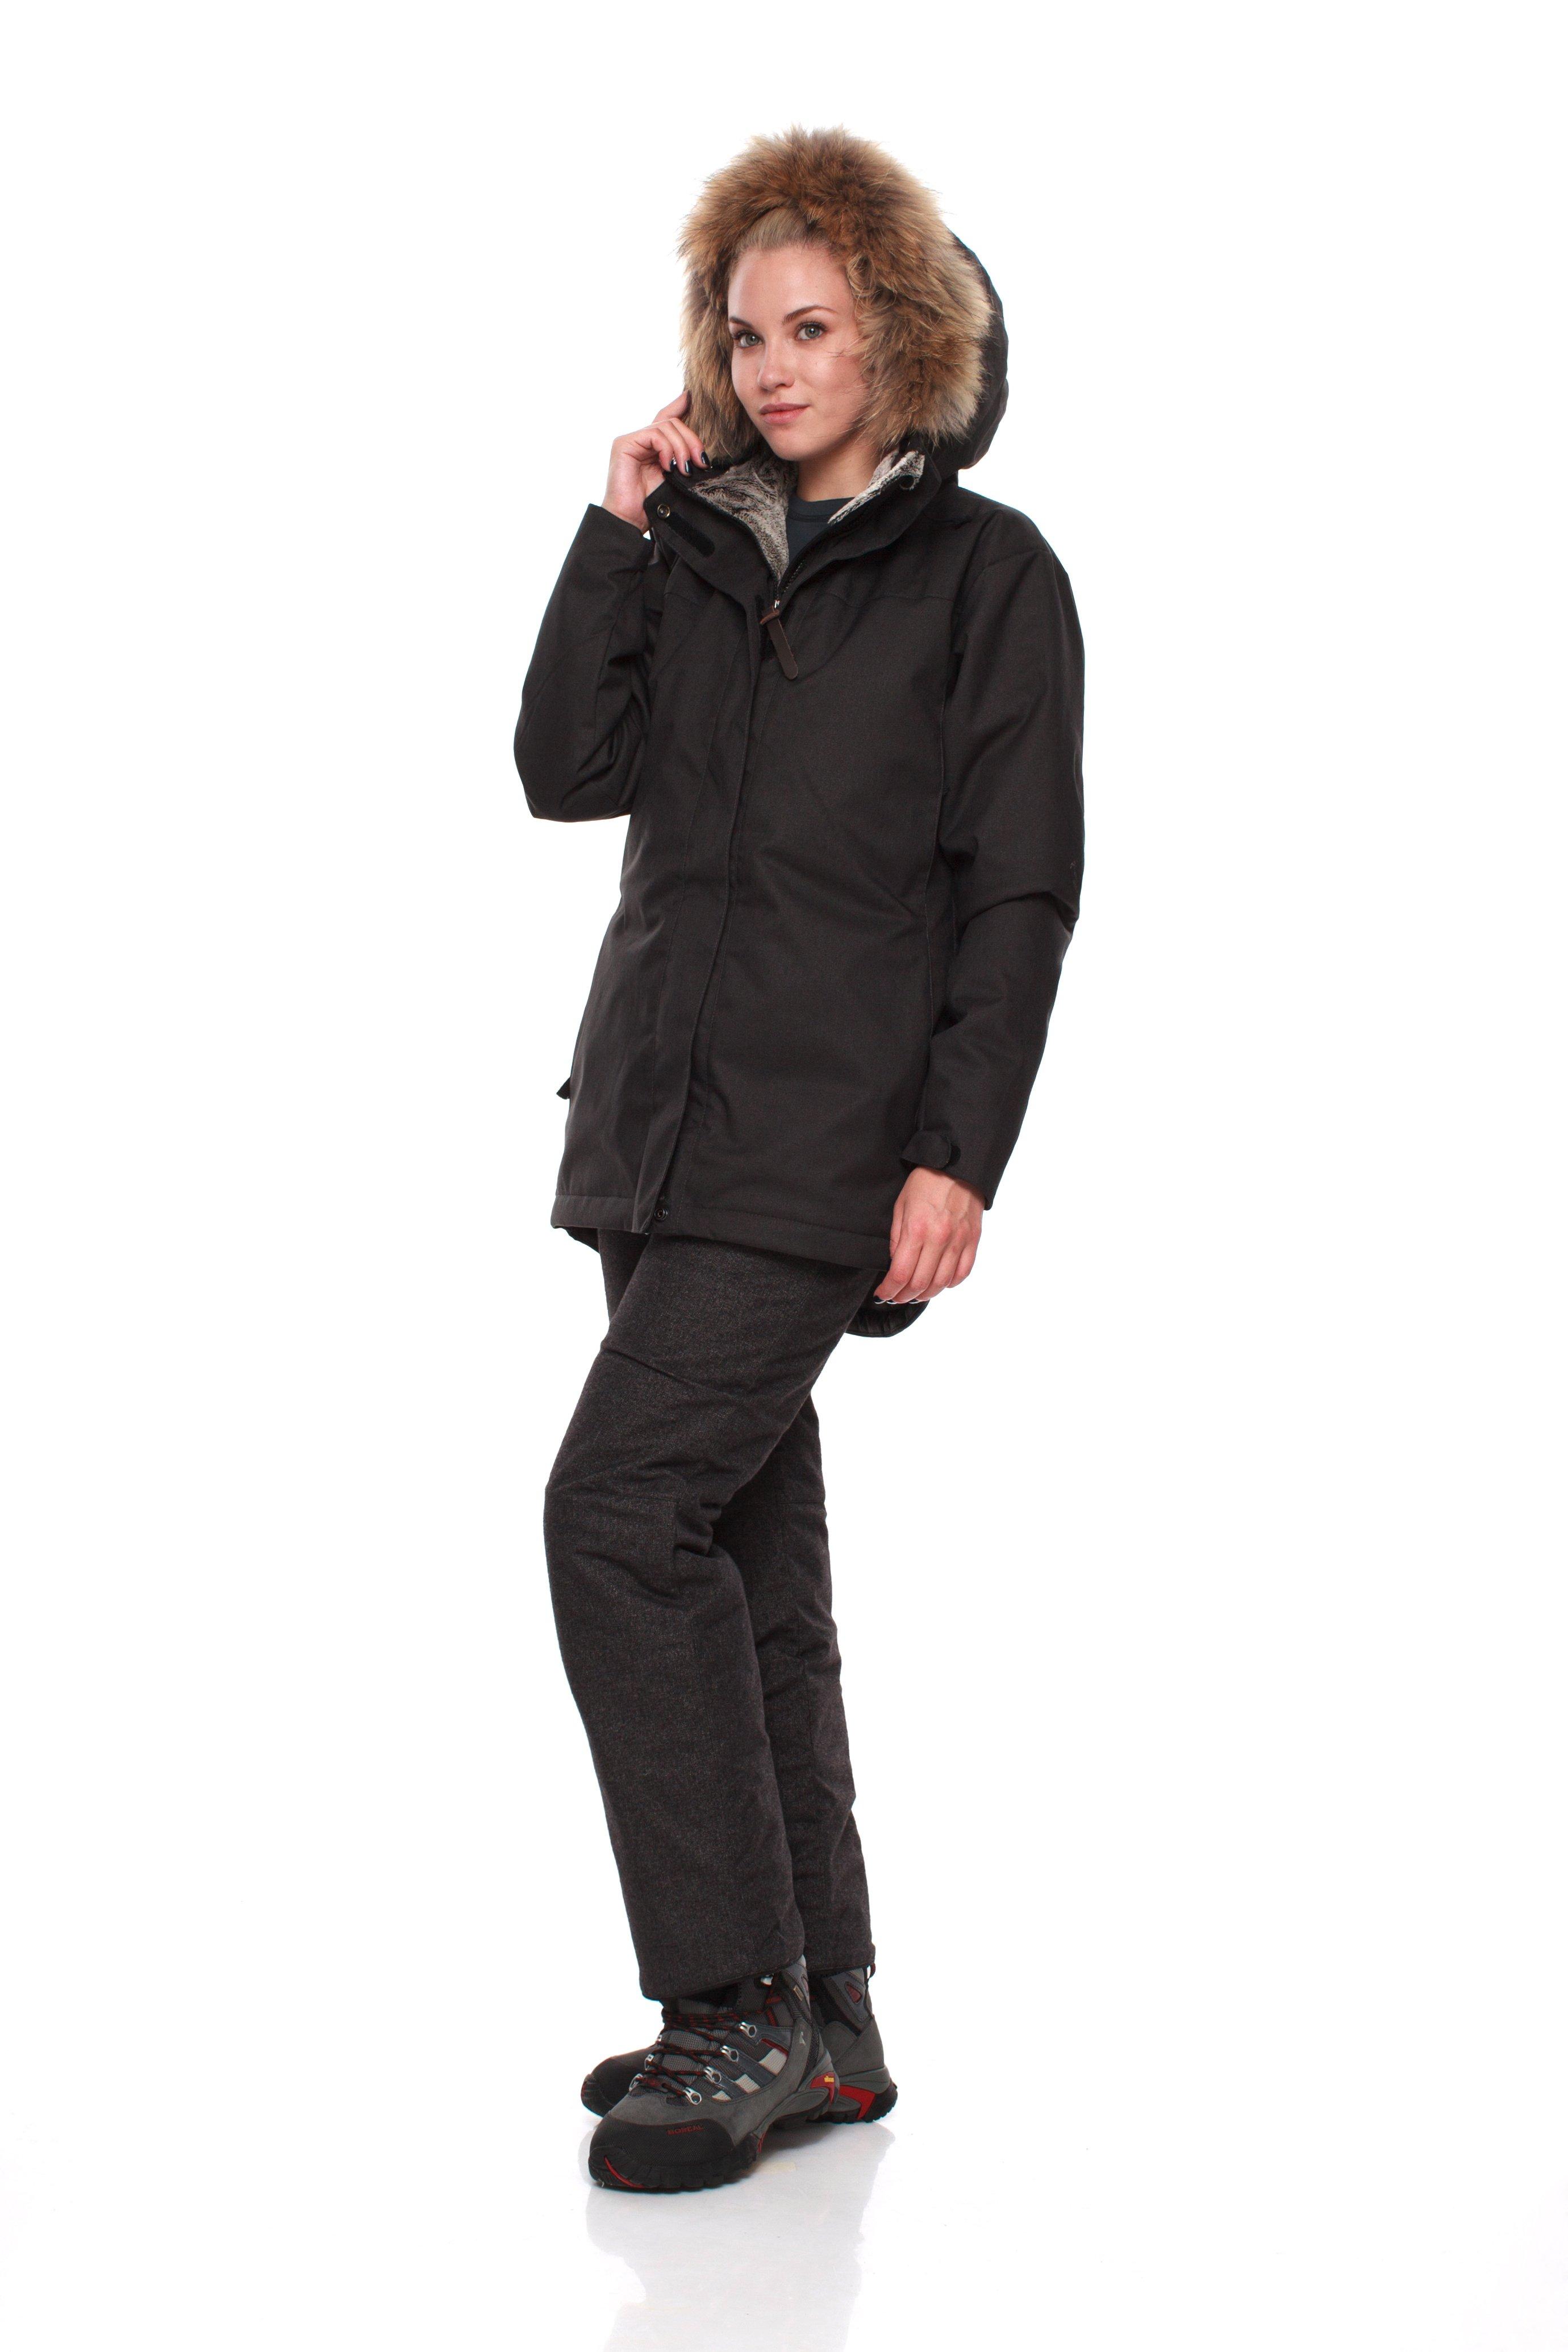 Куртка BASK AGIDEL 8203Тёплая зимняя женская куртка в стиле &amp;laquo;аляска&amp;raquo; подойдет для использования в городе и за его пределами.<br><br>Верхняя ткань: Advance® Alaska Soft Melange<br>Вес граммы: 1240<br>Ветро-влагозащитные свойства верхней ткани: Да<br>Ветрозащитная планка: Да<br>Ветрозащитная юбка: Нет<br>Влагозащитные молнии: Нет<br>Внутренние манжеты: Нет<br>Внутренняя ткань: Advance® Classic<br>Дублирующий центральную молнию клапан: Да<br>Защитный козырёк капюшона: Нет<br>Капюшон: несъемный<br>Карман для средств связи: Нет<br>Количество внешних карманов: 4<br>Количество внутренних карманов: 2<br>Мембрана: да<br>Объемный крой локтевой зоны: Нет<br>Отстёгивающиеся рукава: Нет<br>Пол: Жен.<br>Проклейка швов: Нет<br>Регулировка манжетов рукавов: Да<br>Регулировка низа: Да<br>Регулировка объёма капюшона: Да<br>Регулировка талии: Нет<br>Регулируемые вентиляционные отверстия: Нет<br>Световозвращающая лента: Нет<br>Температурный режим: -15<br>Технология Thermal Welding: Нет<br>Тип молнии: двухзамковая<br>Тип утеплителя: синтетический<br>Усиление контактных зон: Нет<br>Утеплитель: Shelter® Sport<br>Размер INT: XS<br>Цвет: ЧЕРНЫЙ